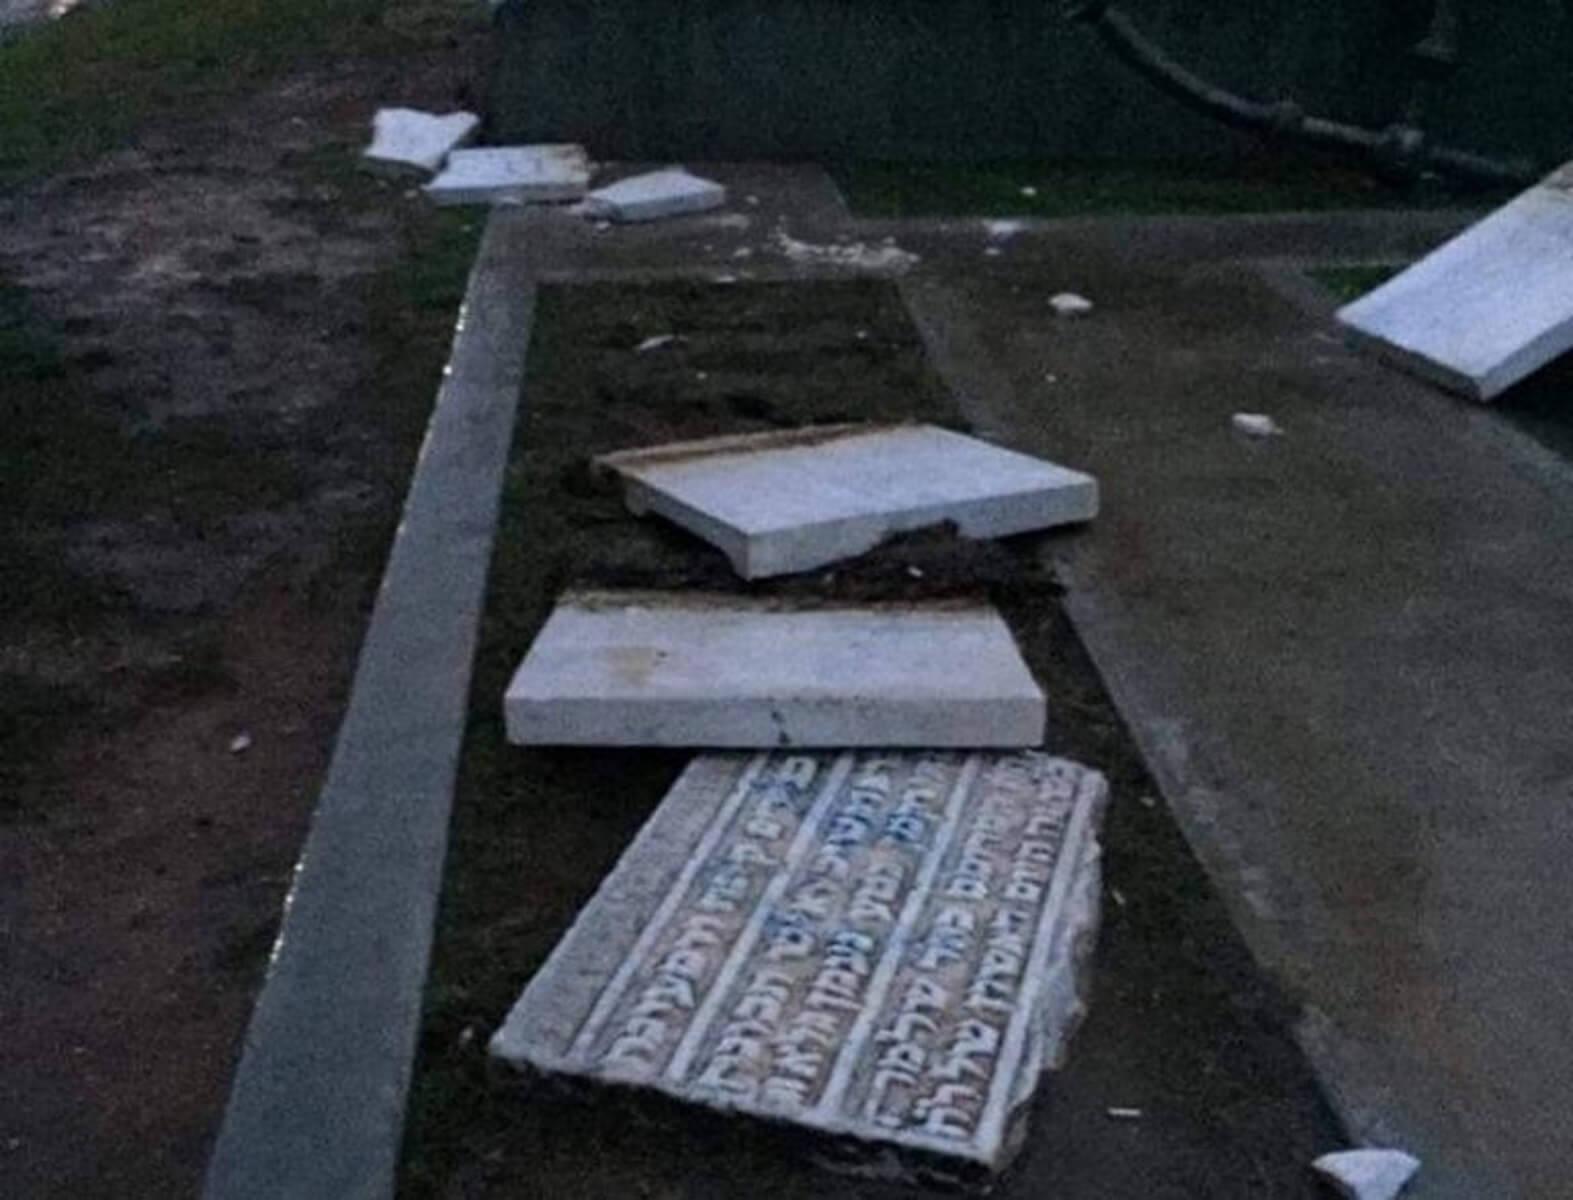 Παρέμβαση εισαγγελέα για τη βεβήλωση του εβραϊκού μνημείου στο ΑΠΘ